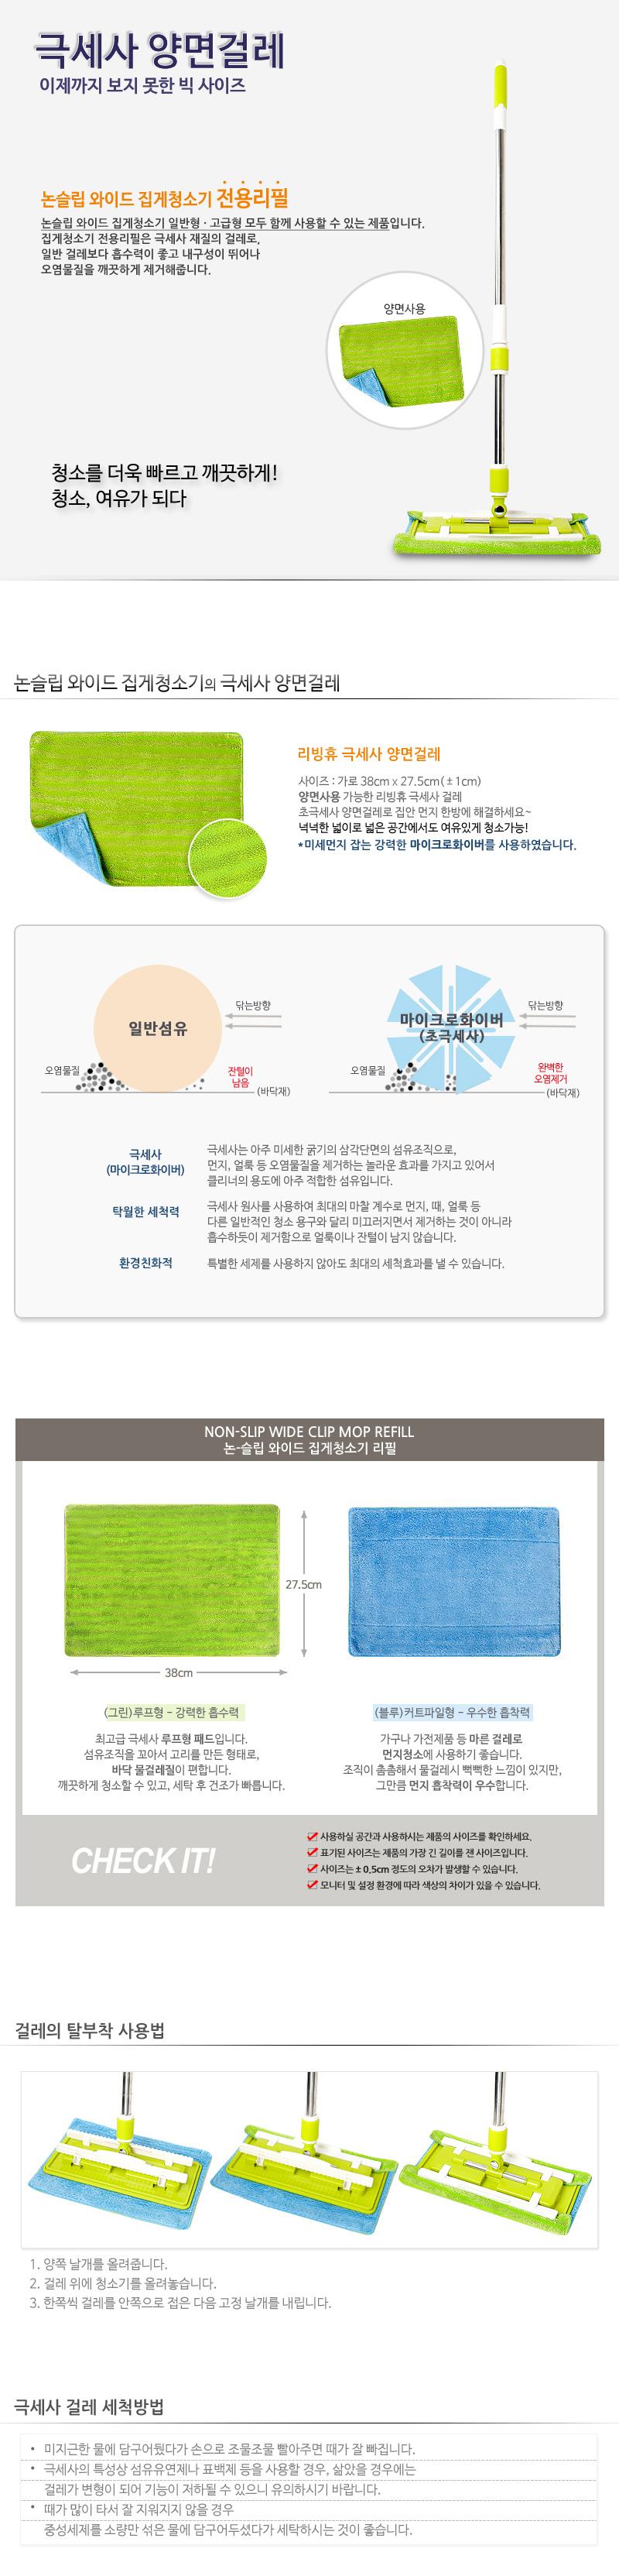 리빙휴 논슬립 와이드 집게청소기 걸레 리필(1개) - 리빙휴, 4,000원, 청소도구, 걸레